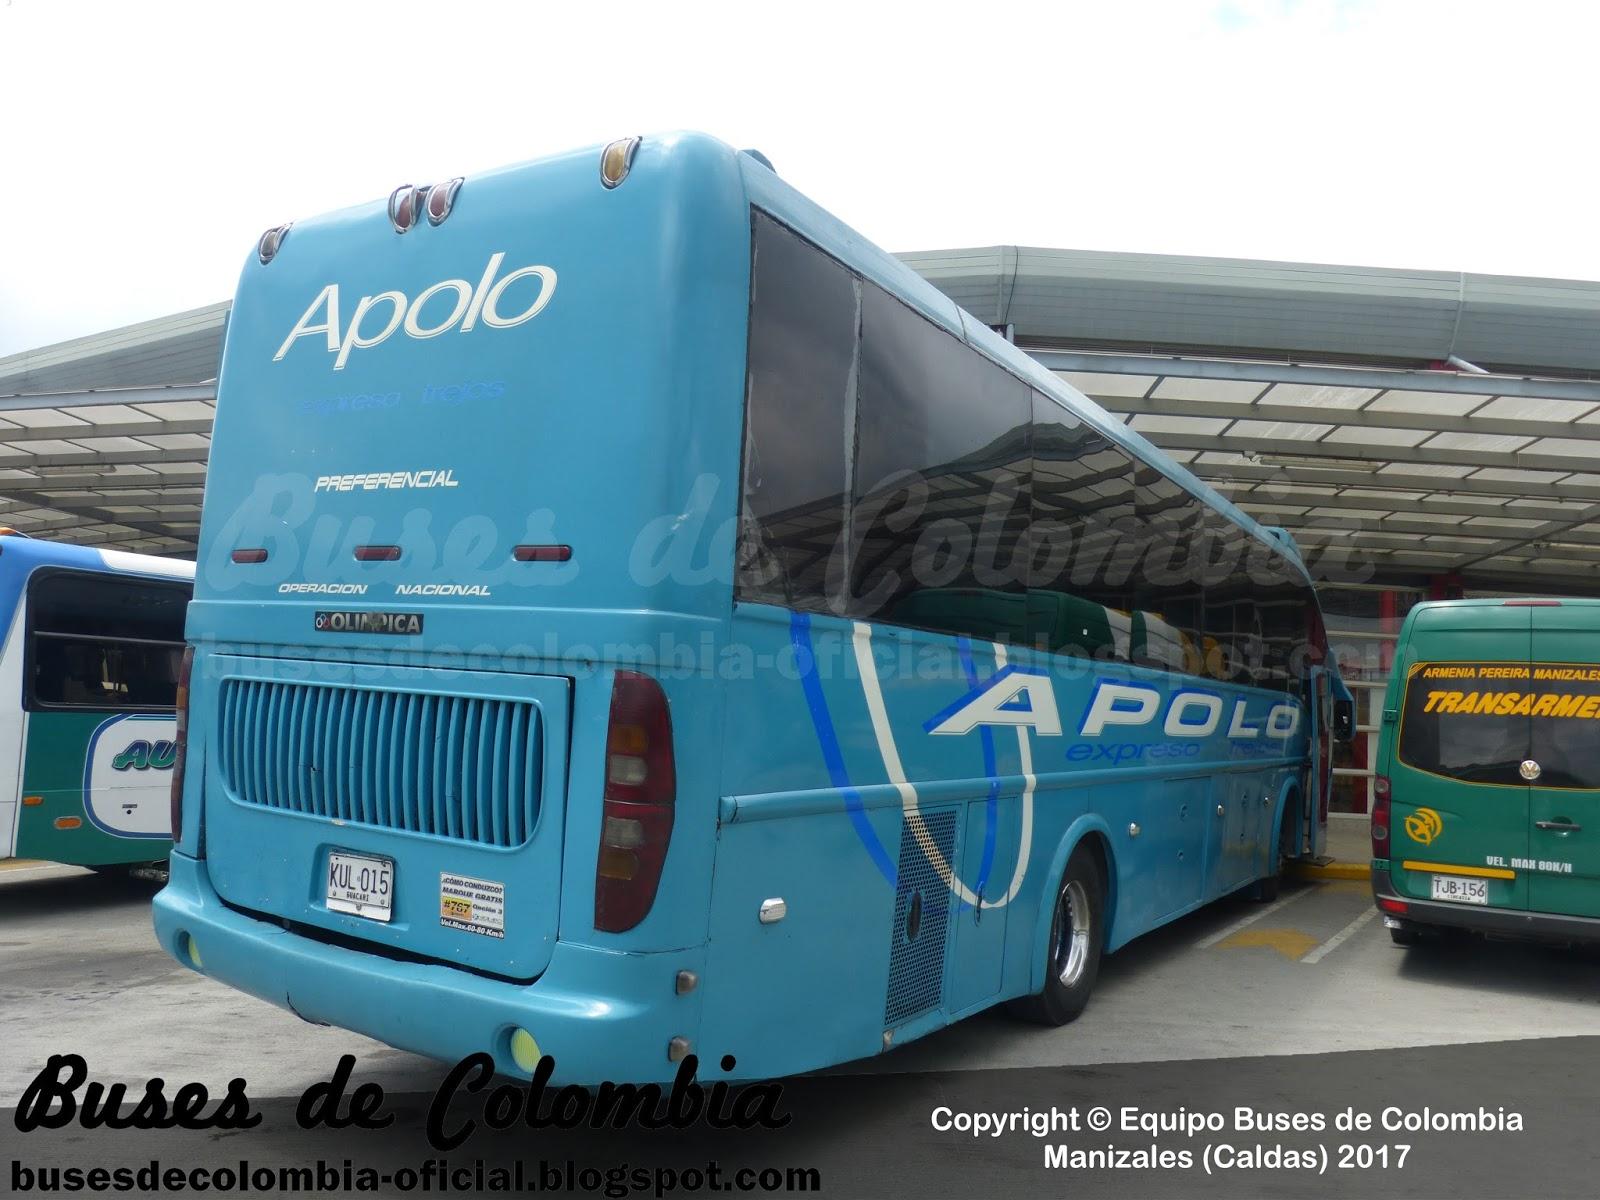 Expreso Trejos 20060 | Buses de Colombia - Oficial